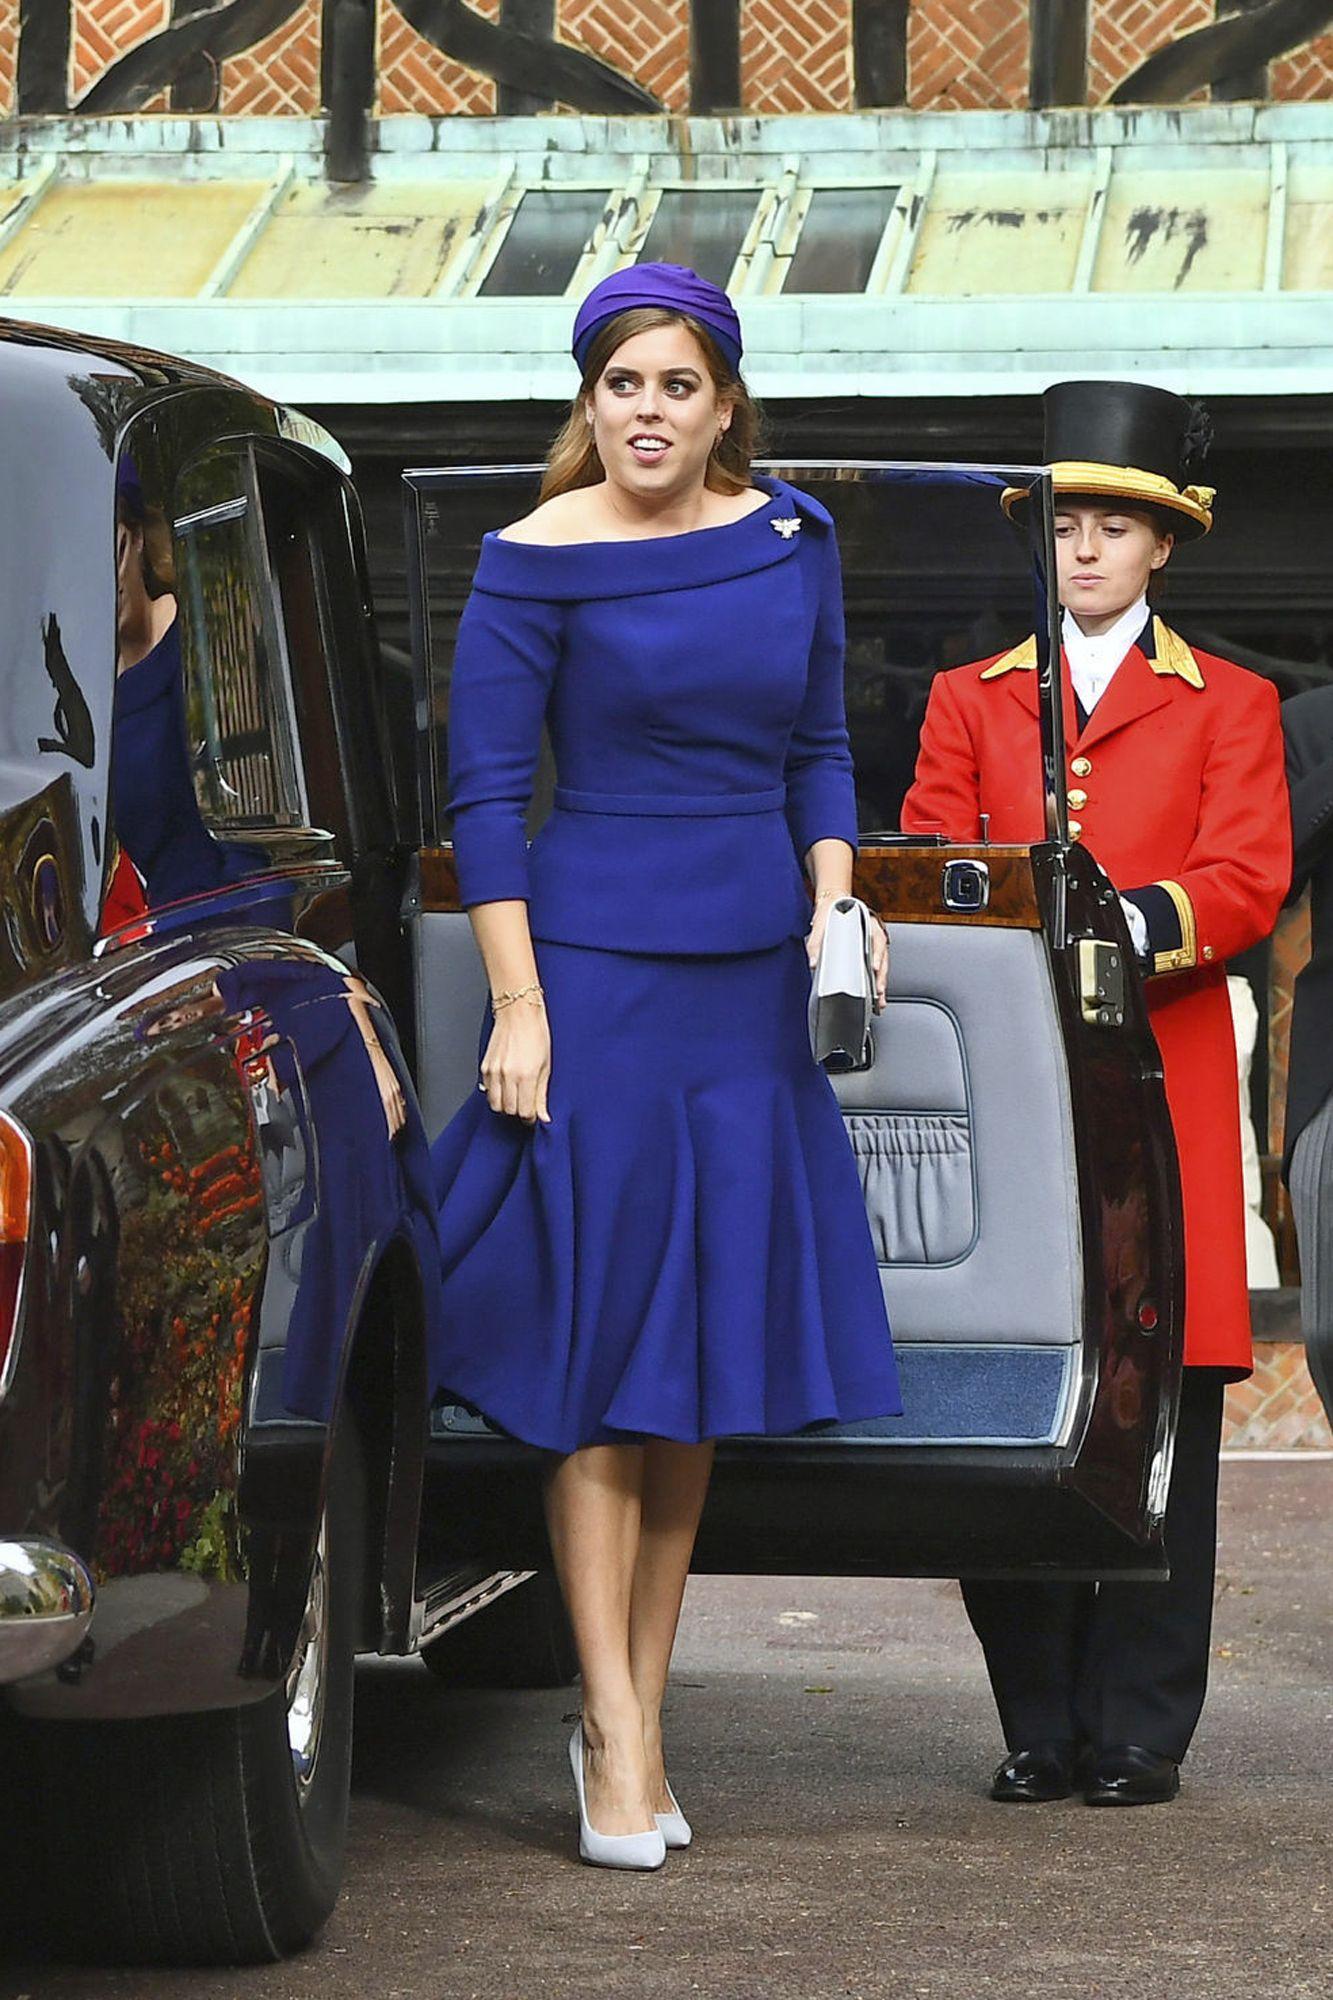 Royal Maid of Honor! See Princess Beatrice Arrive at